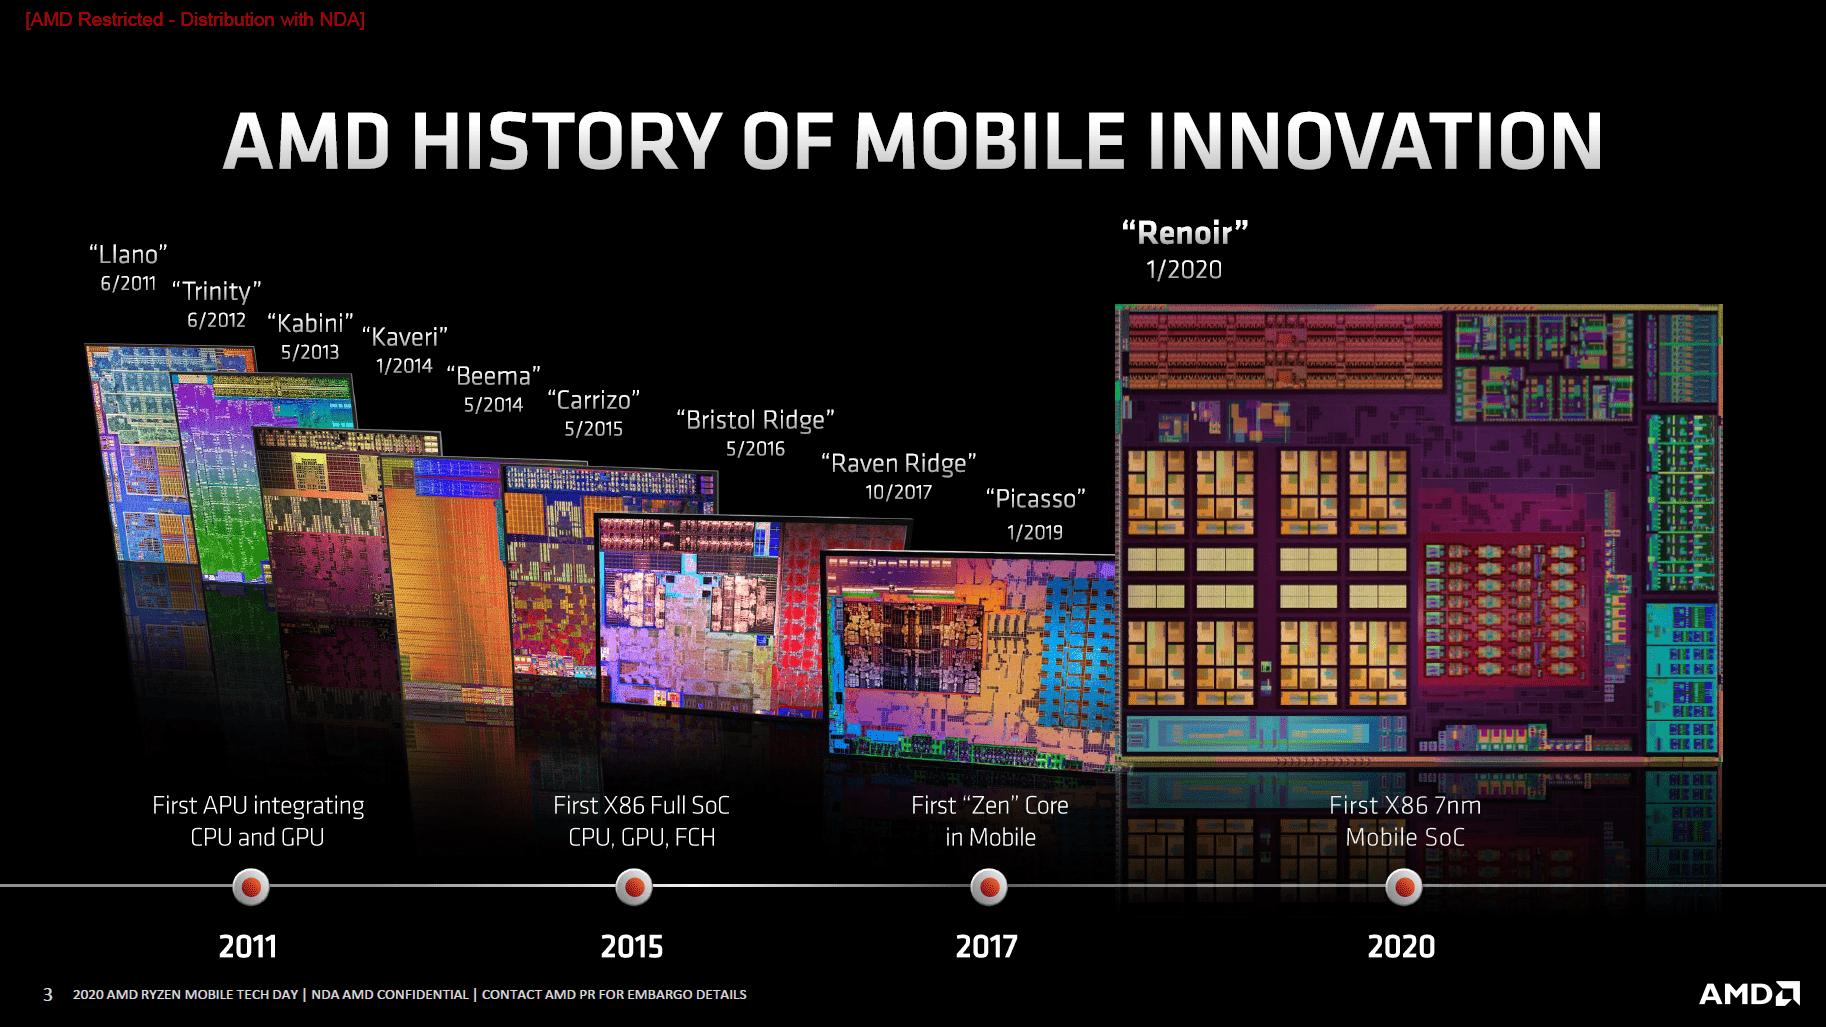 AMDs Mobile-Produkte im Laufe der Zeit